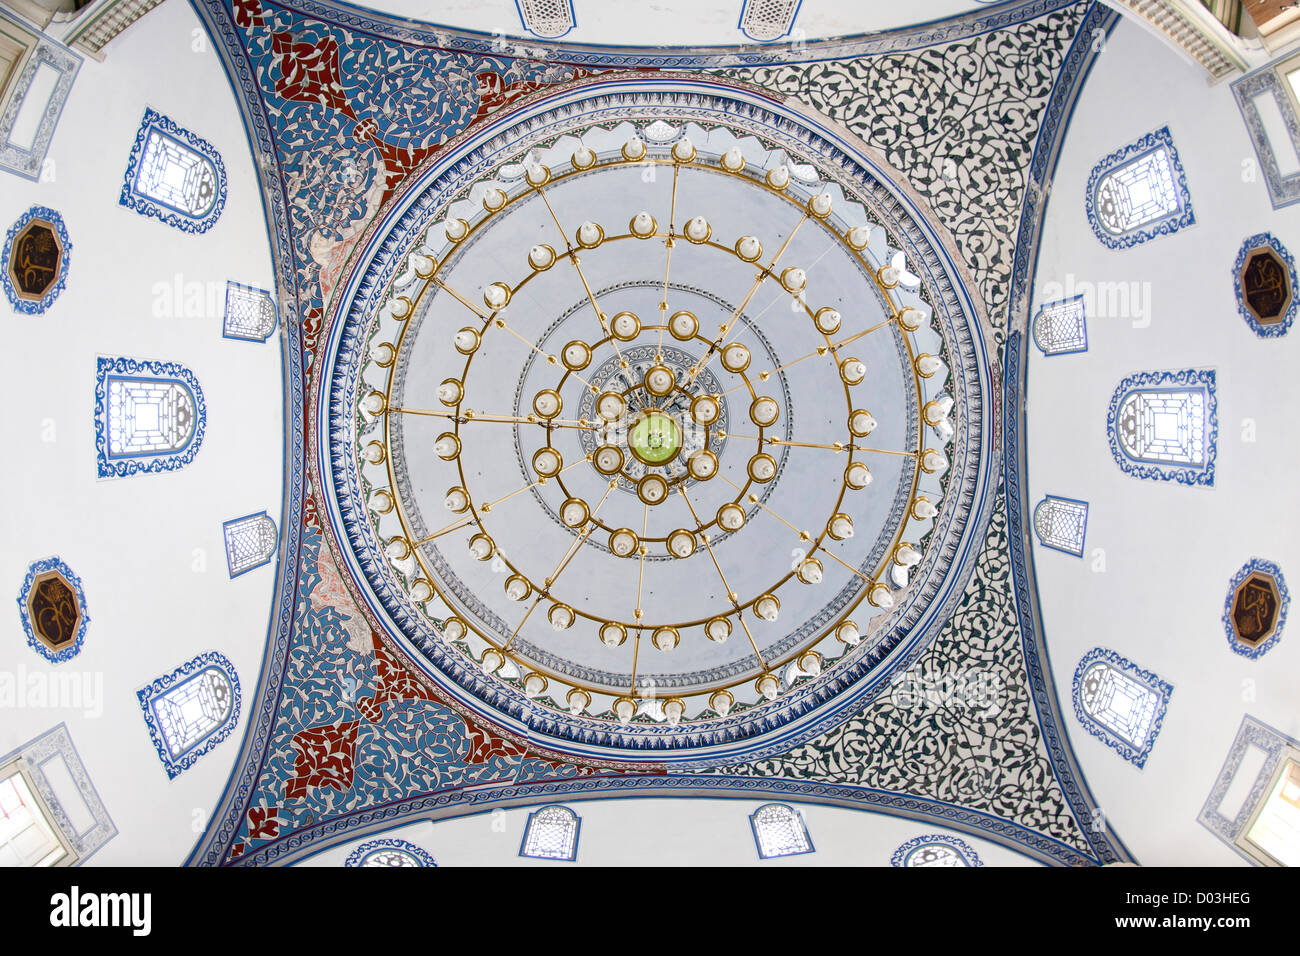 Il soffitto della Mustafa Pasha moschea a Skopje, la capitale della Macedonia. Immagini Stock